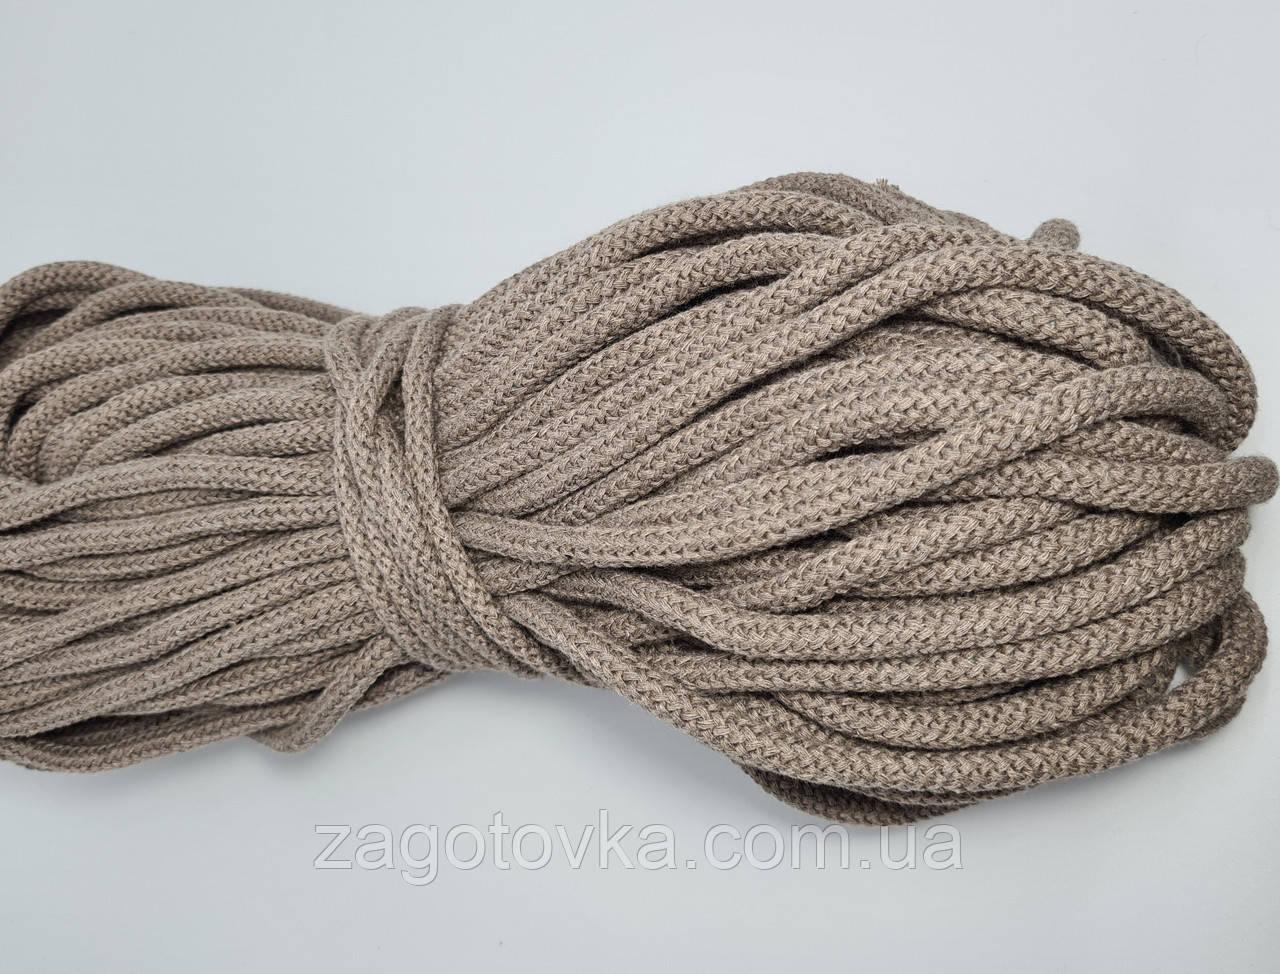 Шнур хлопковый с сердечником 8мм/50м Моккачино